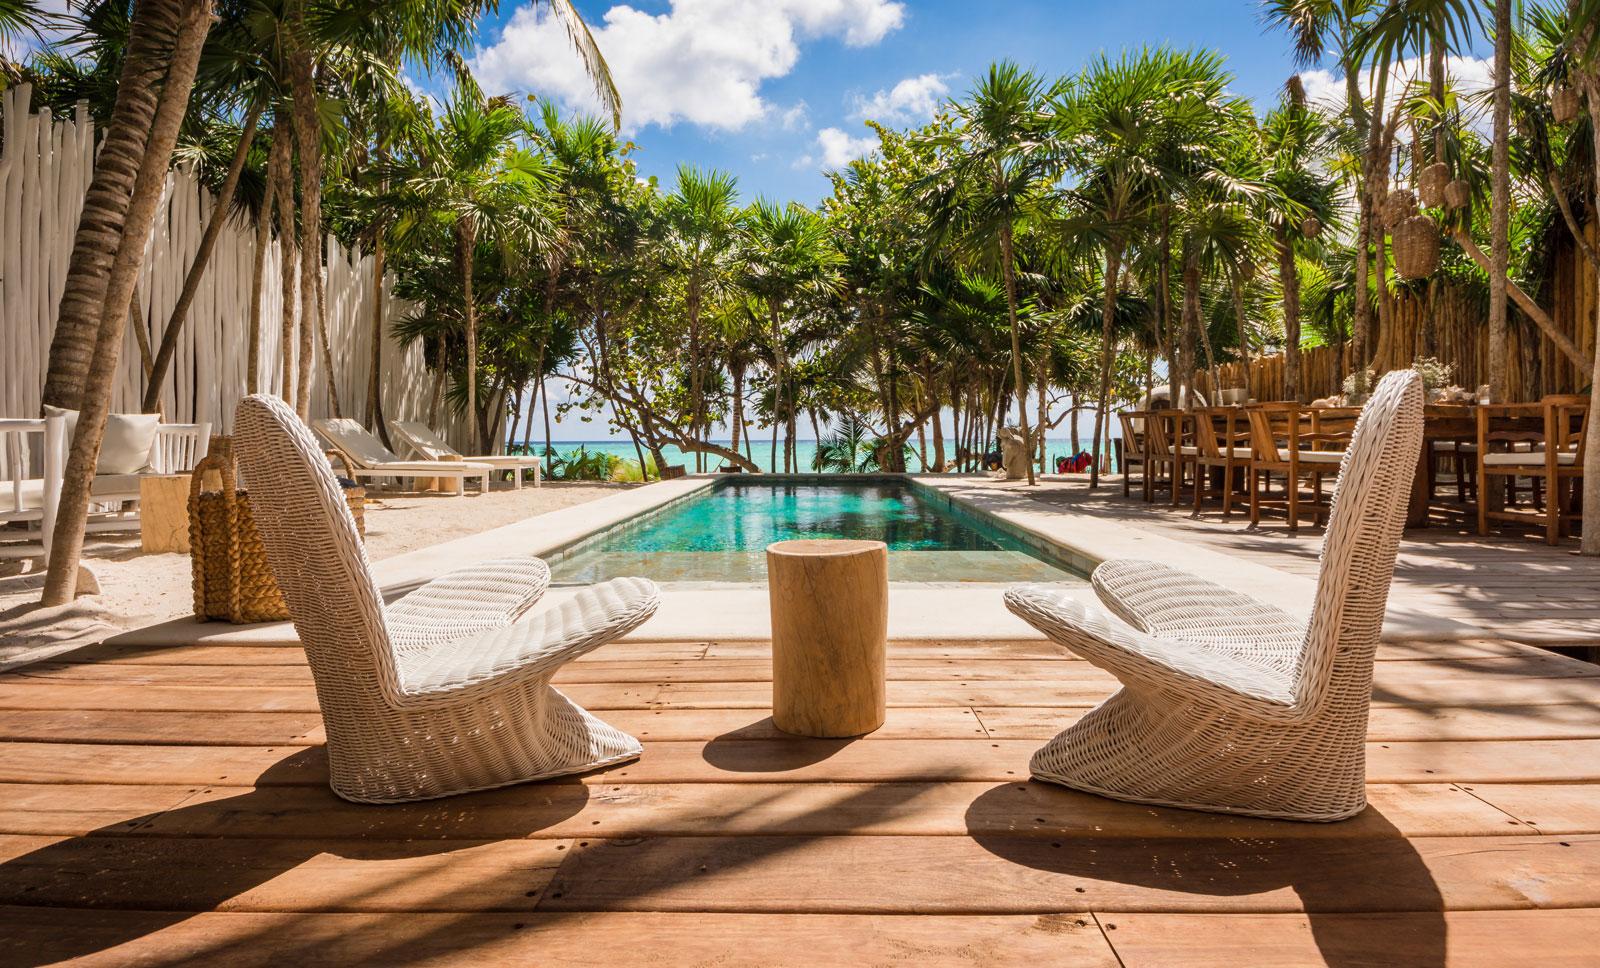 Maya_Luxe_Riviera_Maya_Luxury_Villas_Experiences_Soliman_Bay_Tulum_5_Bedrooms_Villa_La_Semilla_3.jpg